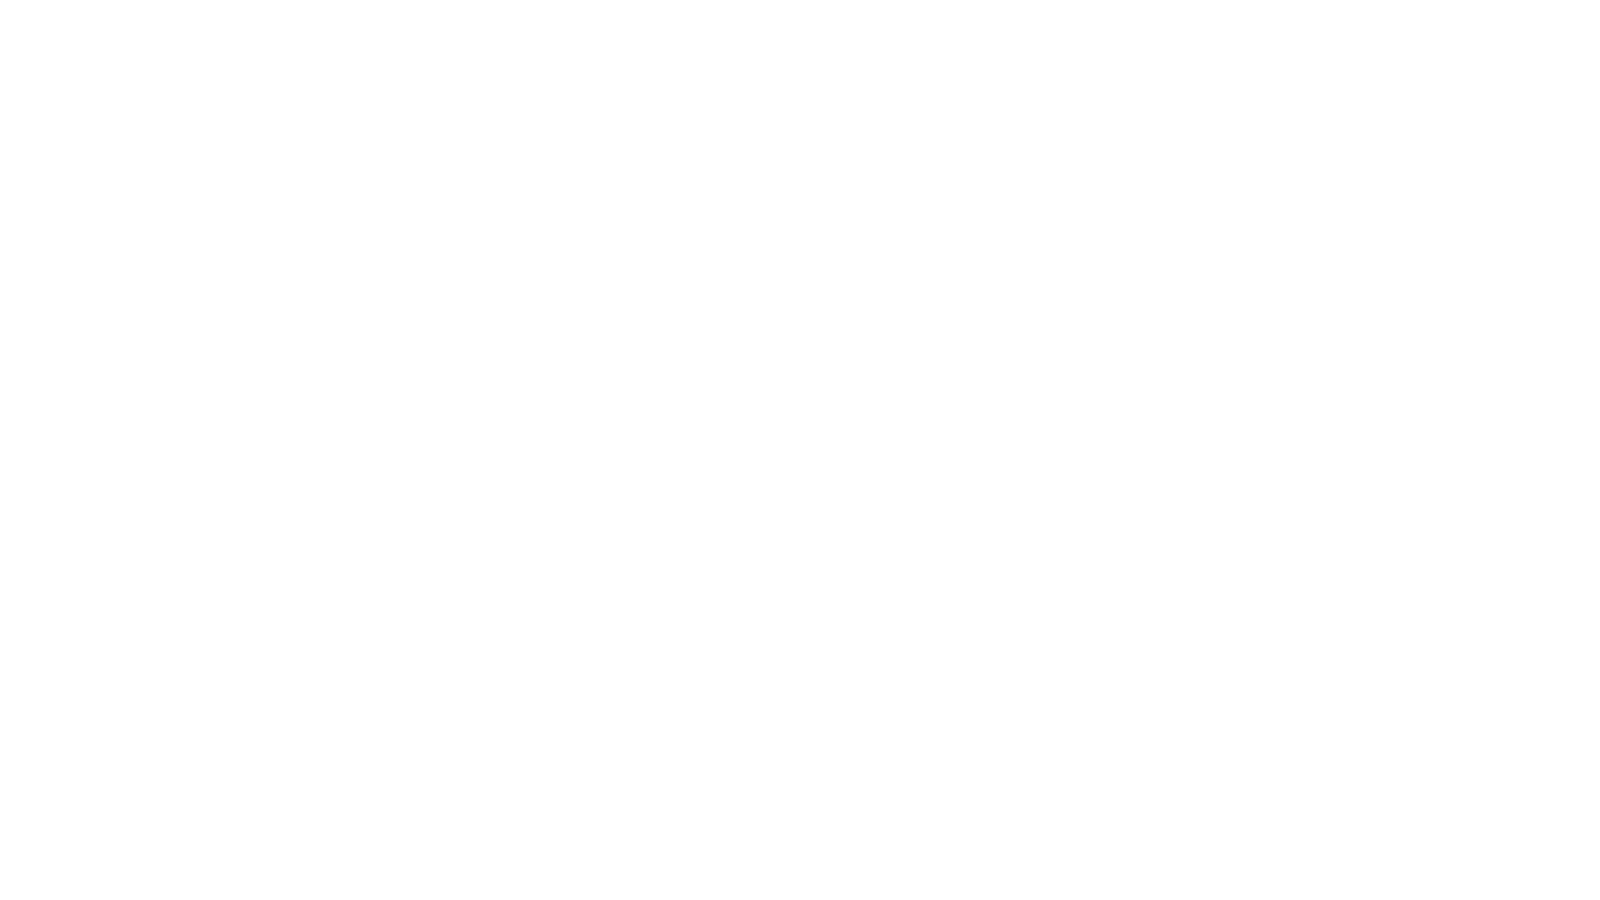 """Пятый пункт: обзор новостей недели от главы департамента общественных связей ФЕОР и главного редактора журнала Лехаим — Боруха Горина  Выходит при поддержке Клуба Литературных Меценатов  Информационный партнер: """"Jewish Point"""", община раввина Йосефа Херсонского, офлайн в Тель-Авиве, онлайн везде!  https://www.facebook.com/jewishpoint https://www.instagram.com/jewish_poin... https://www.t.me/jewish_point  Telegram: https://t.me/sfarimklm Наш сайт: https://www.sfarim.ru Facebook:  https://www.facebook.com/sfarimclub Instagram: https://www.instagram.com/sfarim_klm/...  По вопросам сотрудничества:  +79652941014 Кирилл sahmanov@knizhniki.ru  #Новости #БорухГорин #Израиль"""